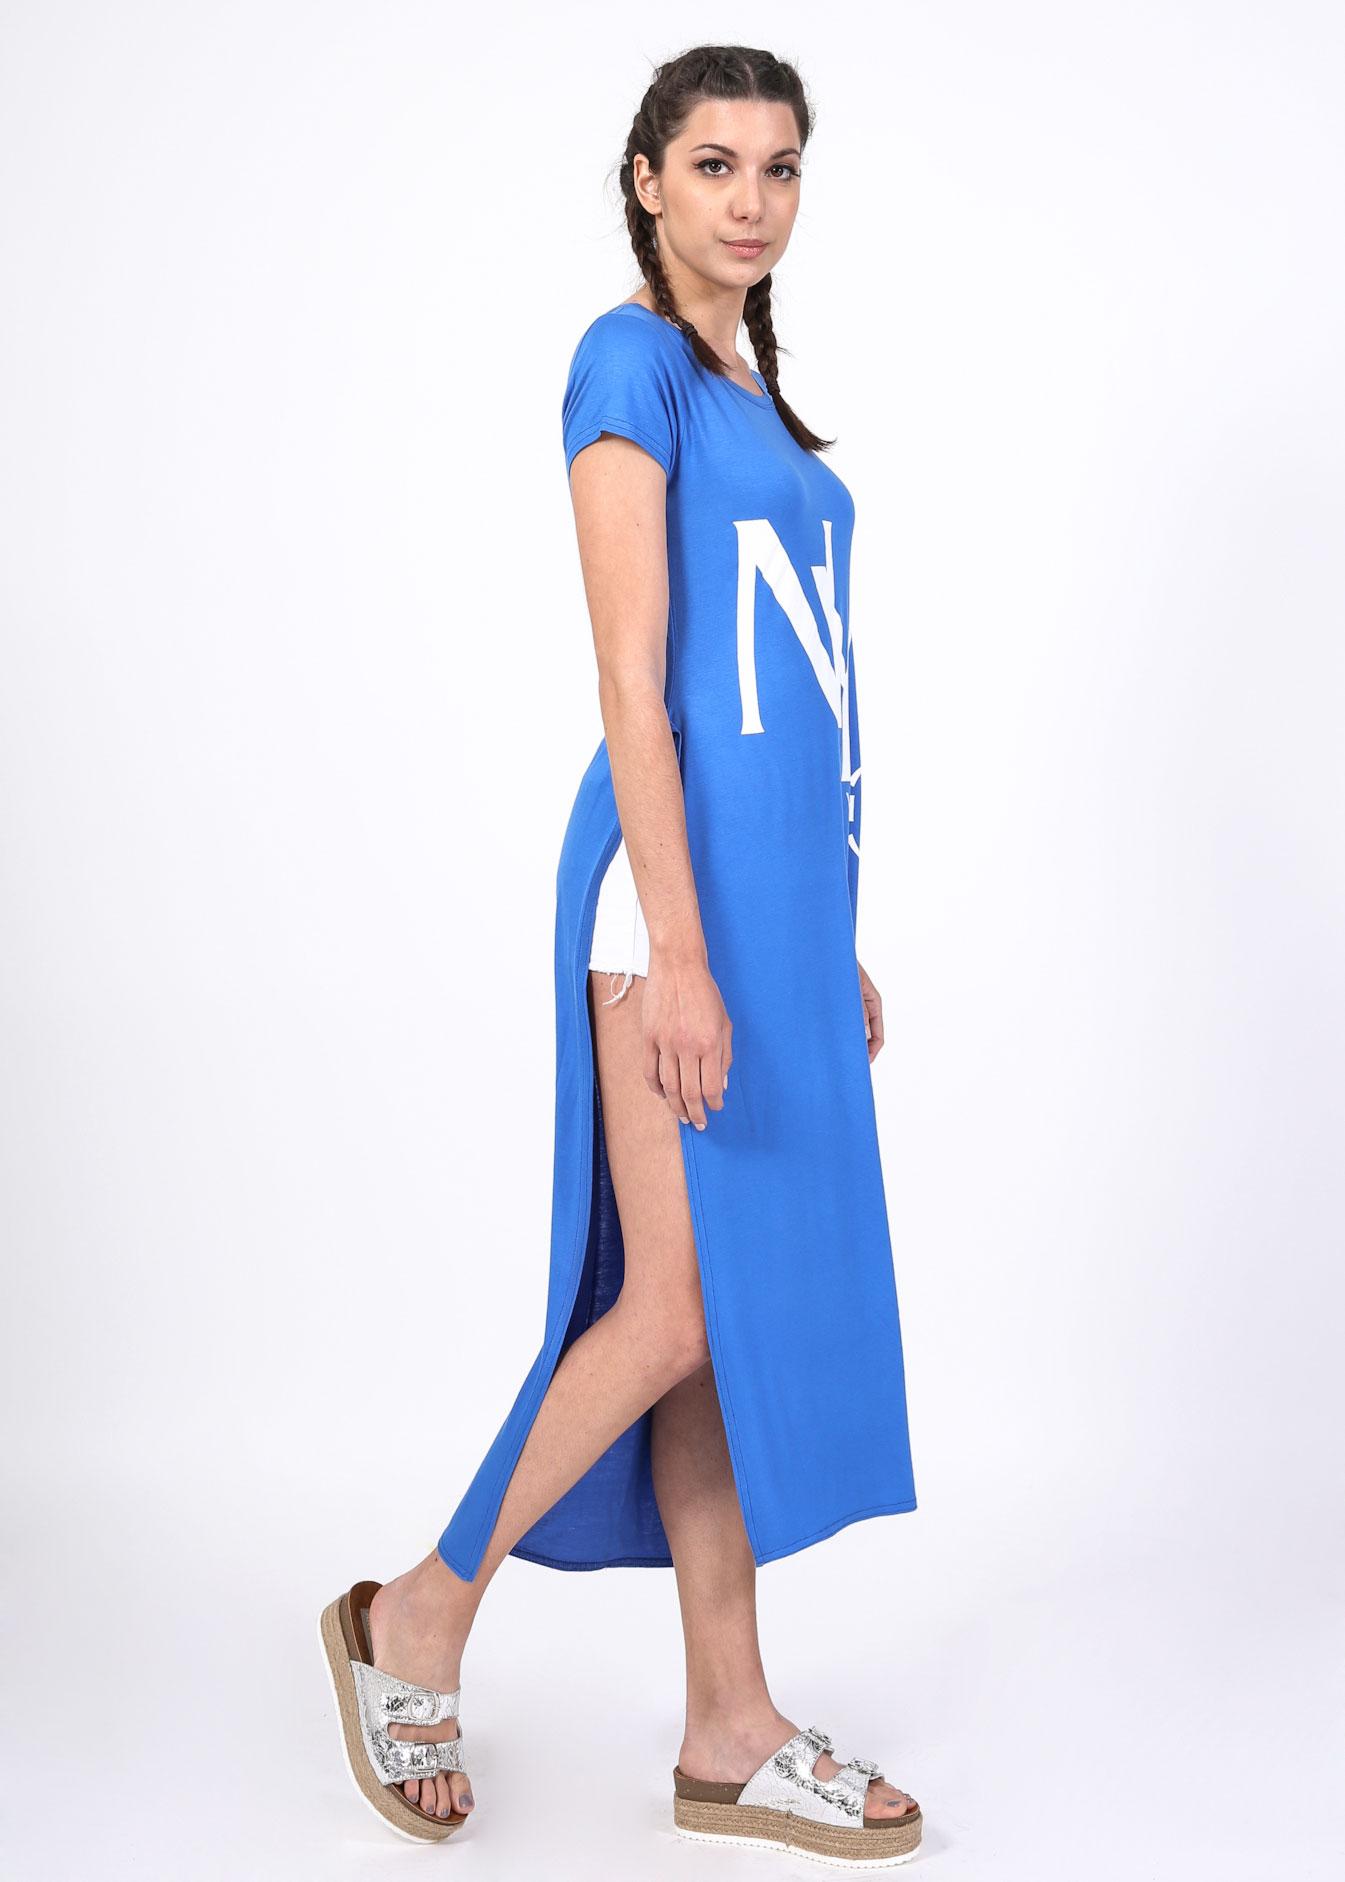 York longline μπλούζα, μπλε ρούχα